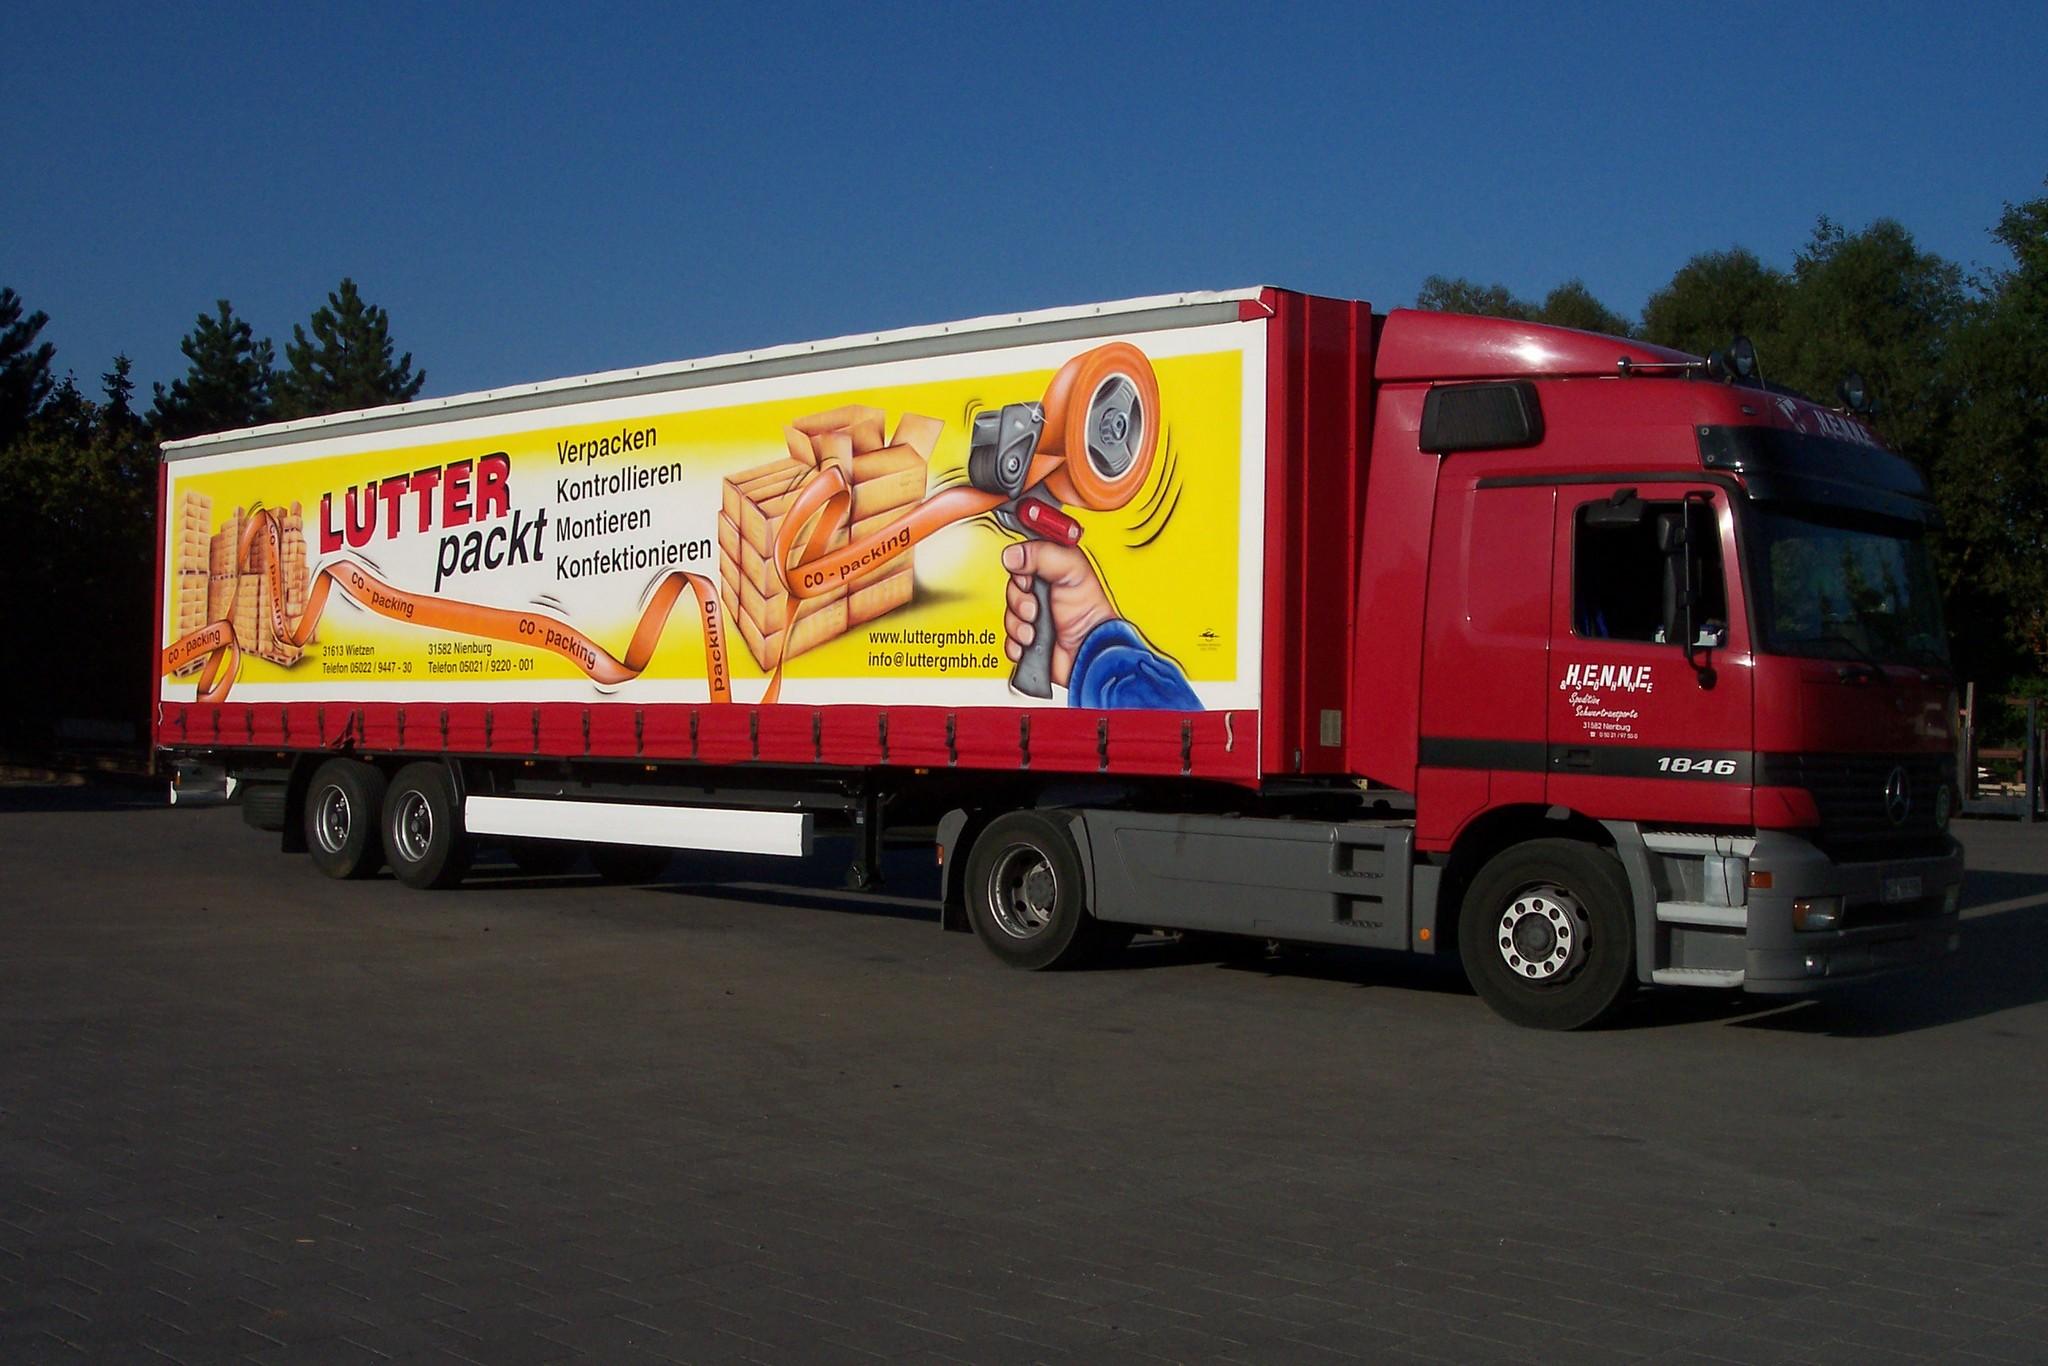 LKW Trailer -Lutter packt